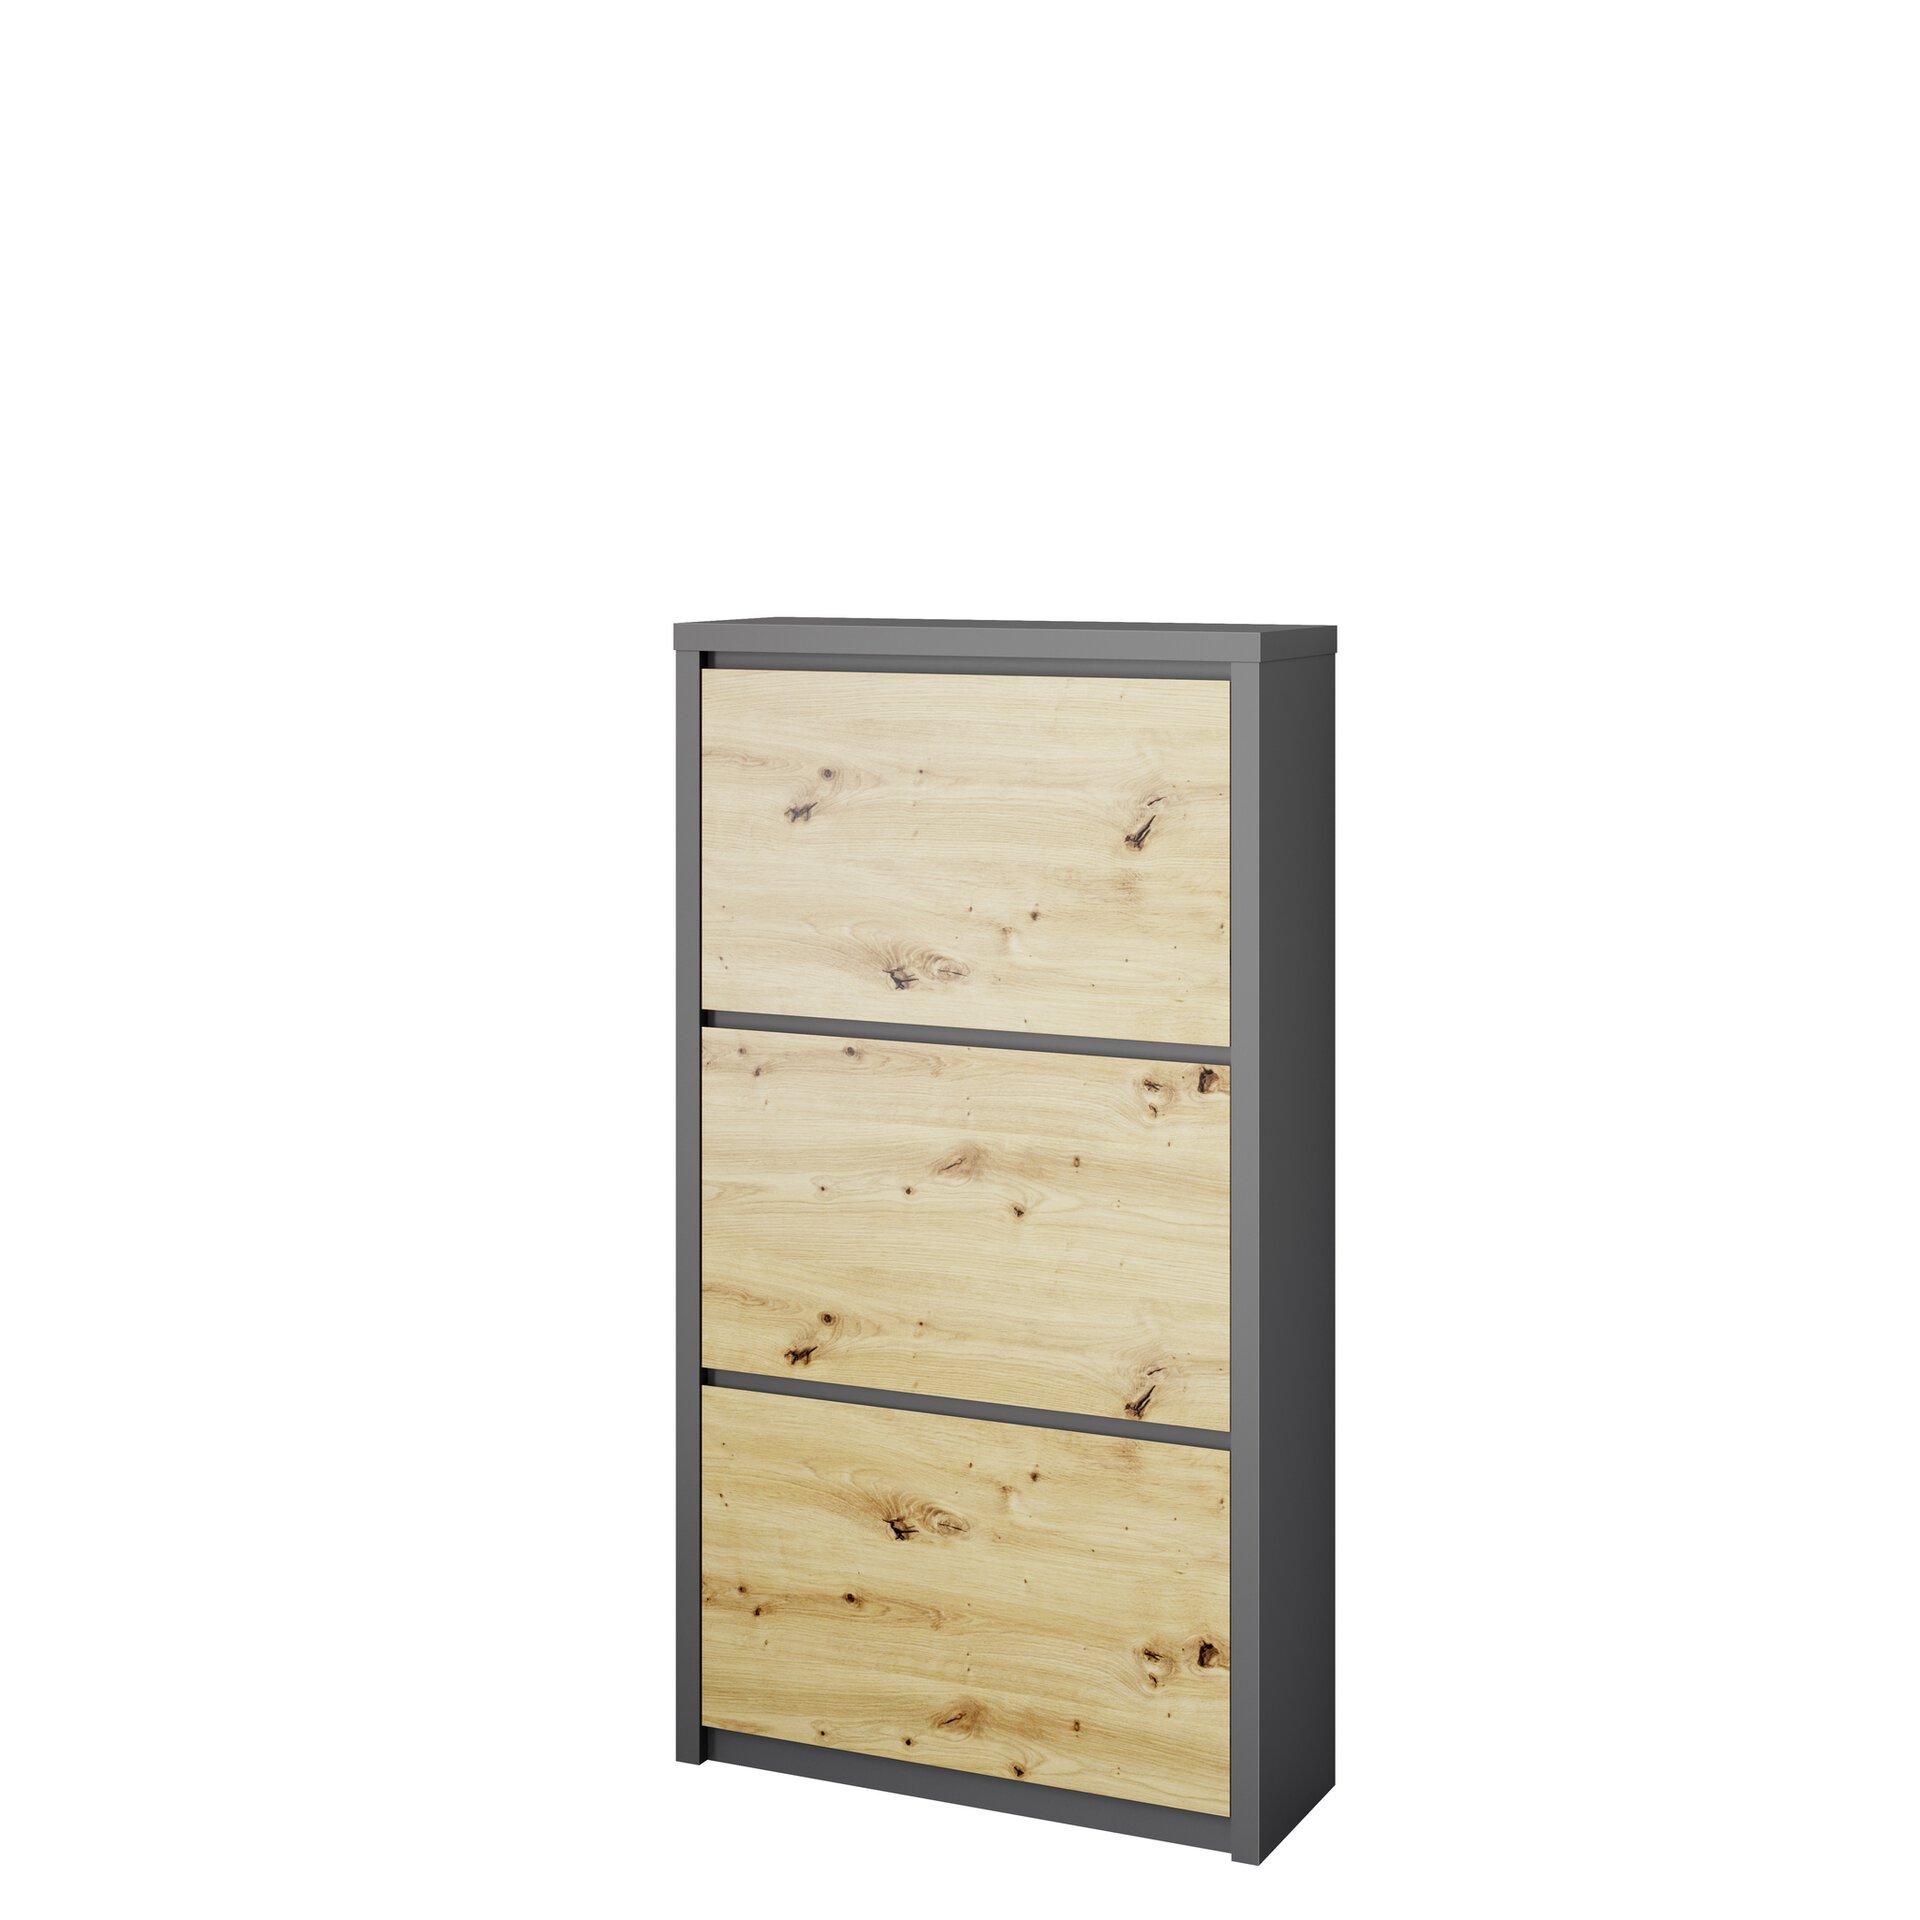 Schuhschrank FLAP HMW Möbel Holzwerkstoff 25 x 129 x 70 cm